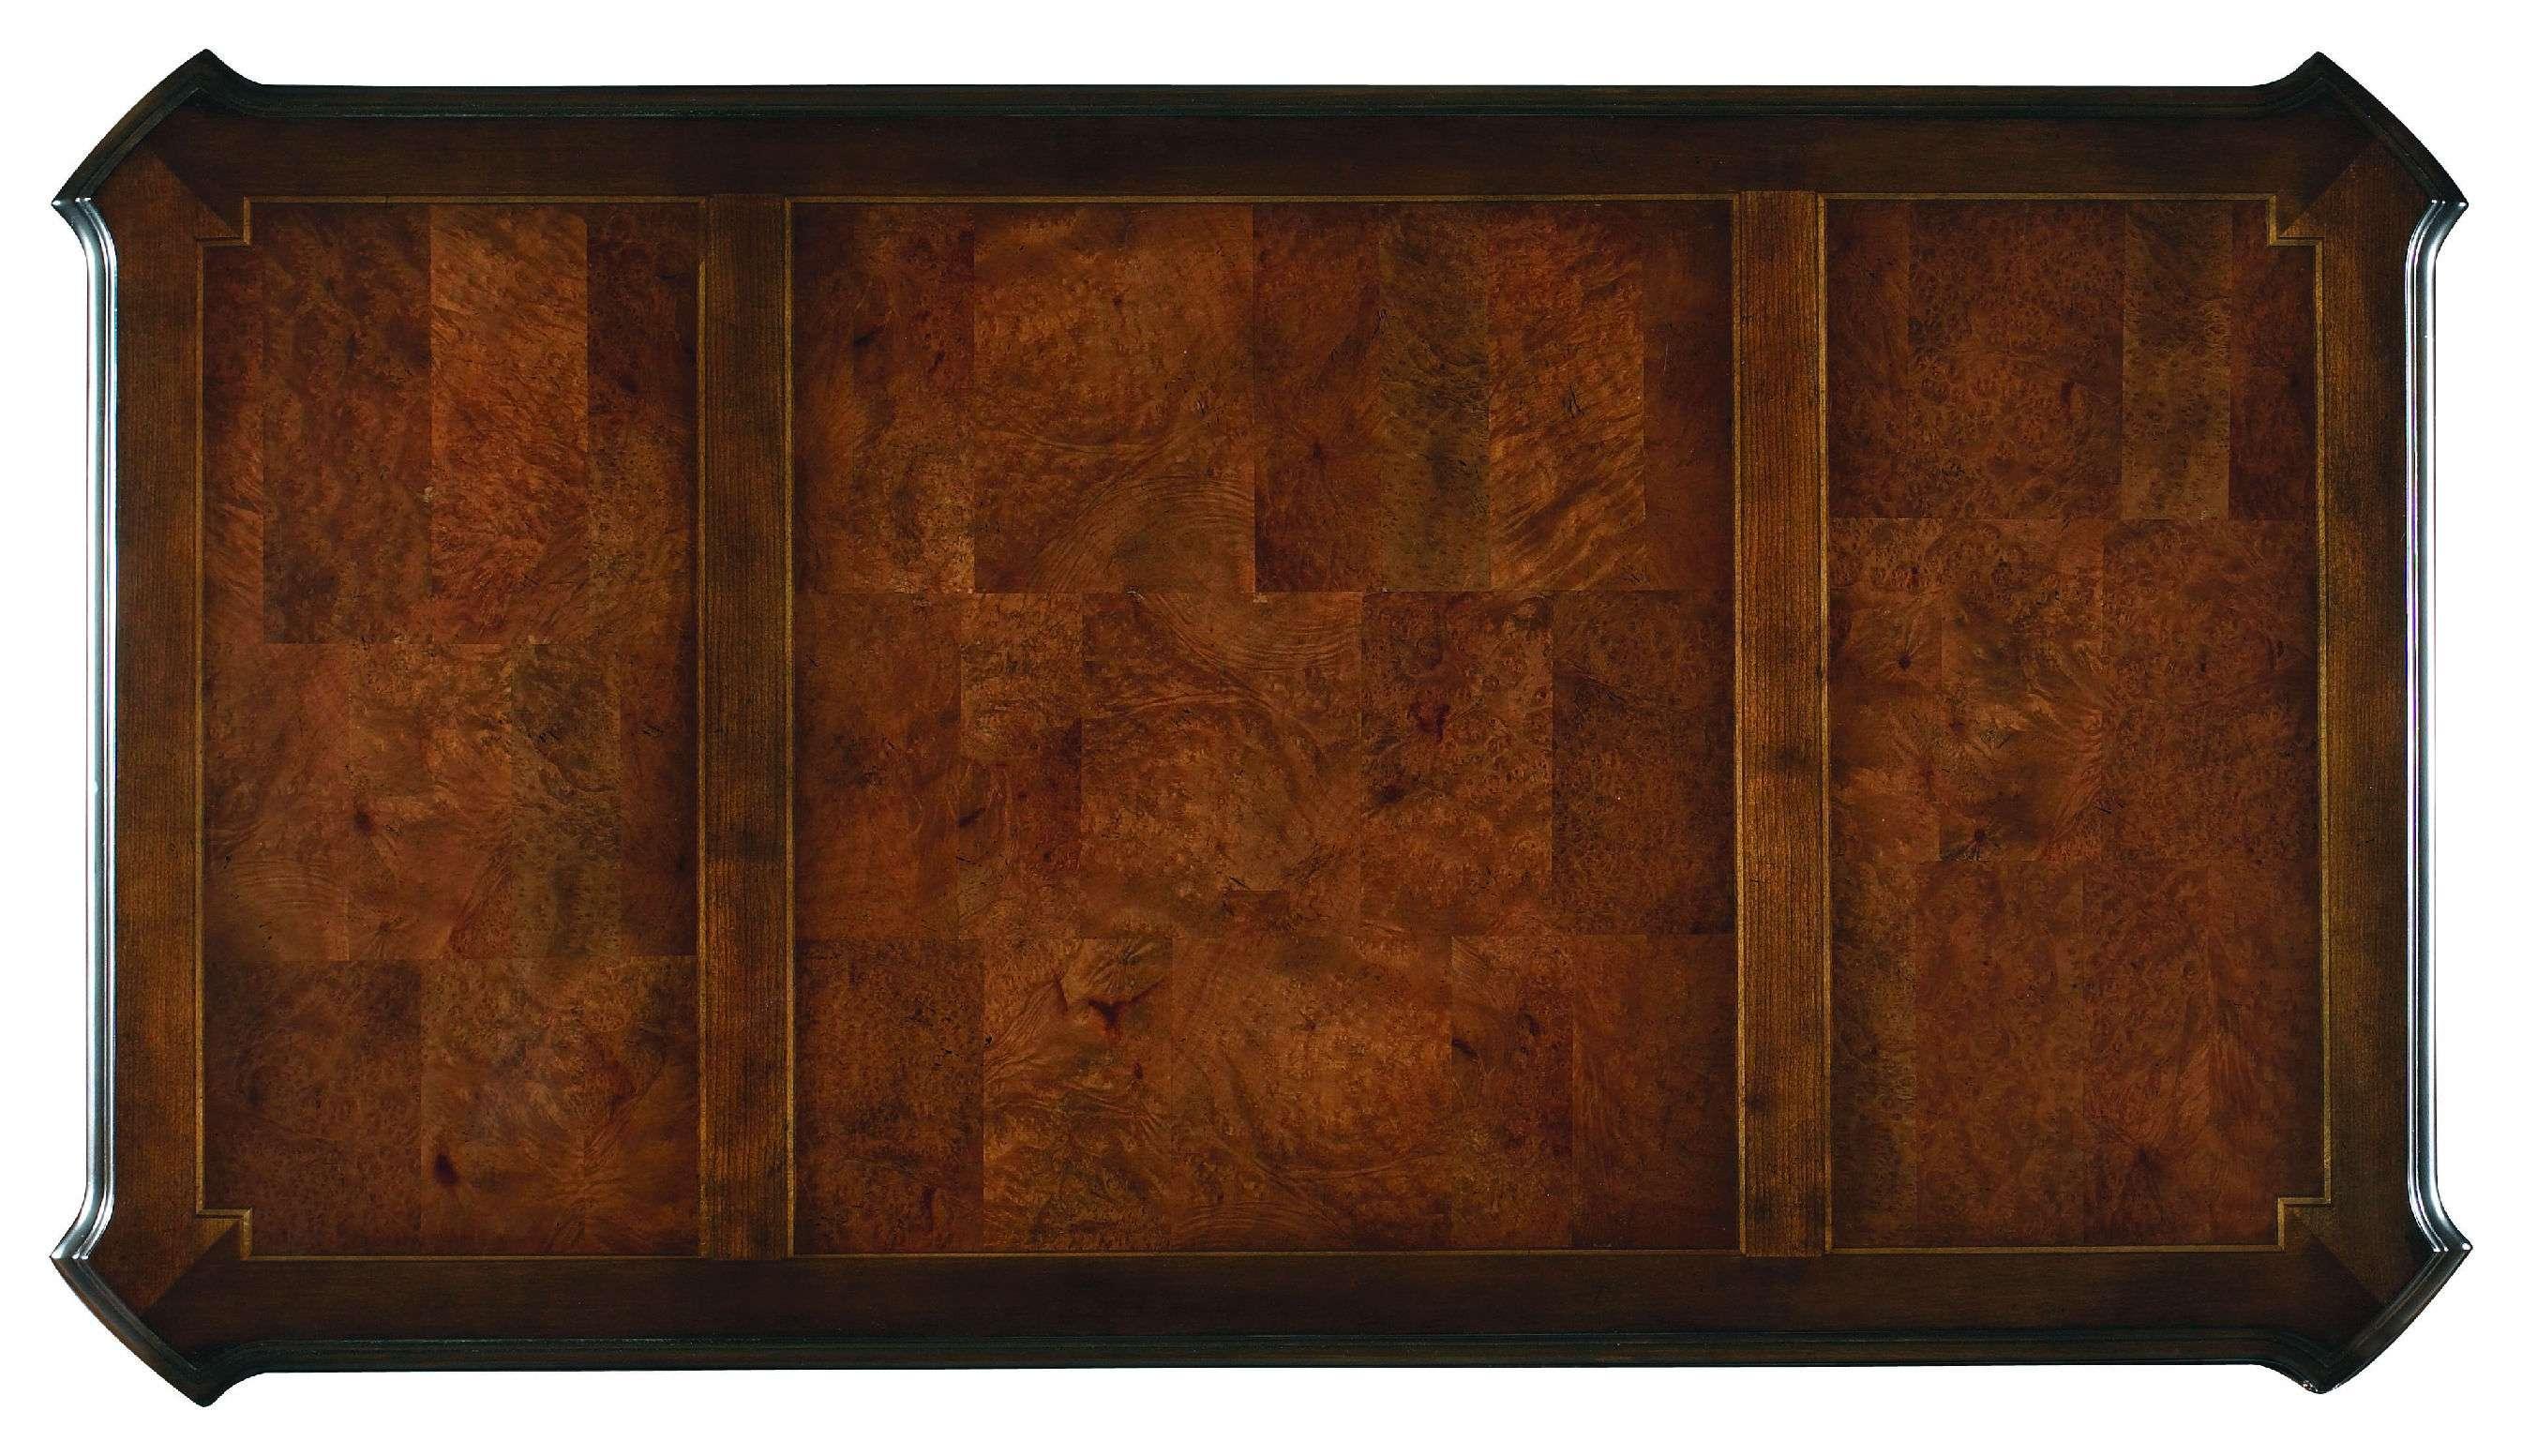 Hooker Furniture Home Office European Renaissance Writing Desk